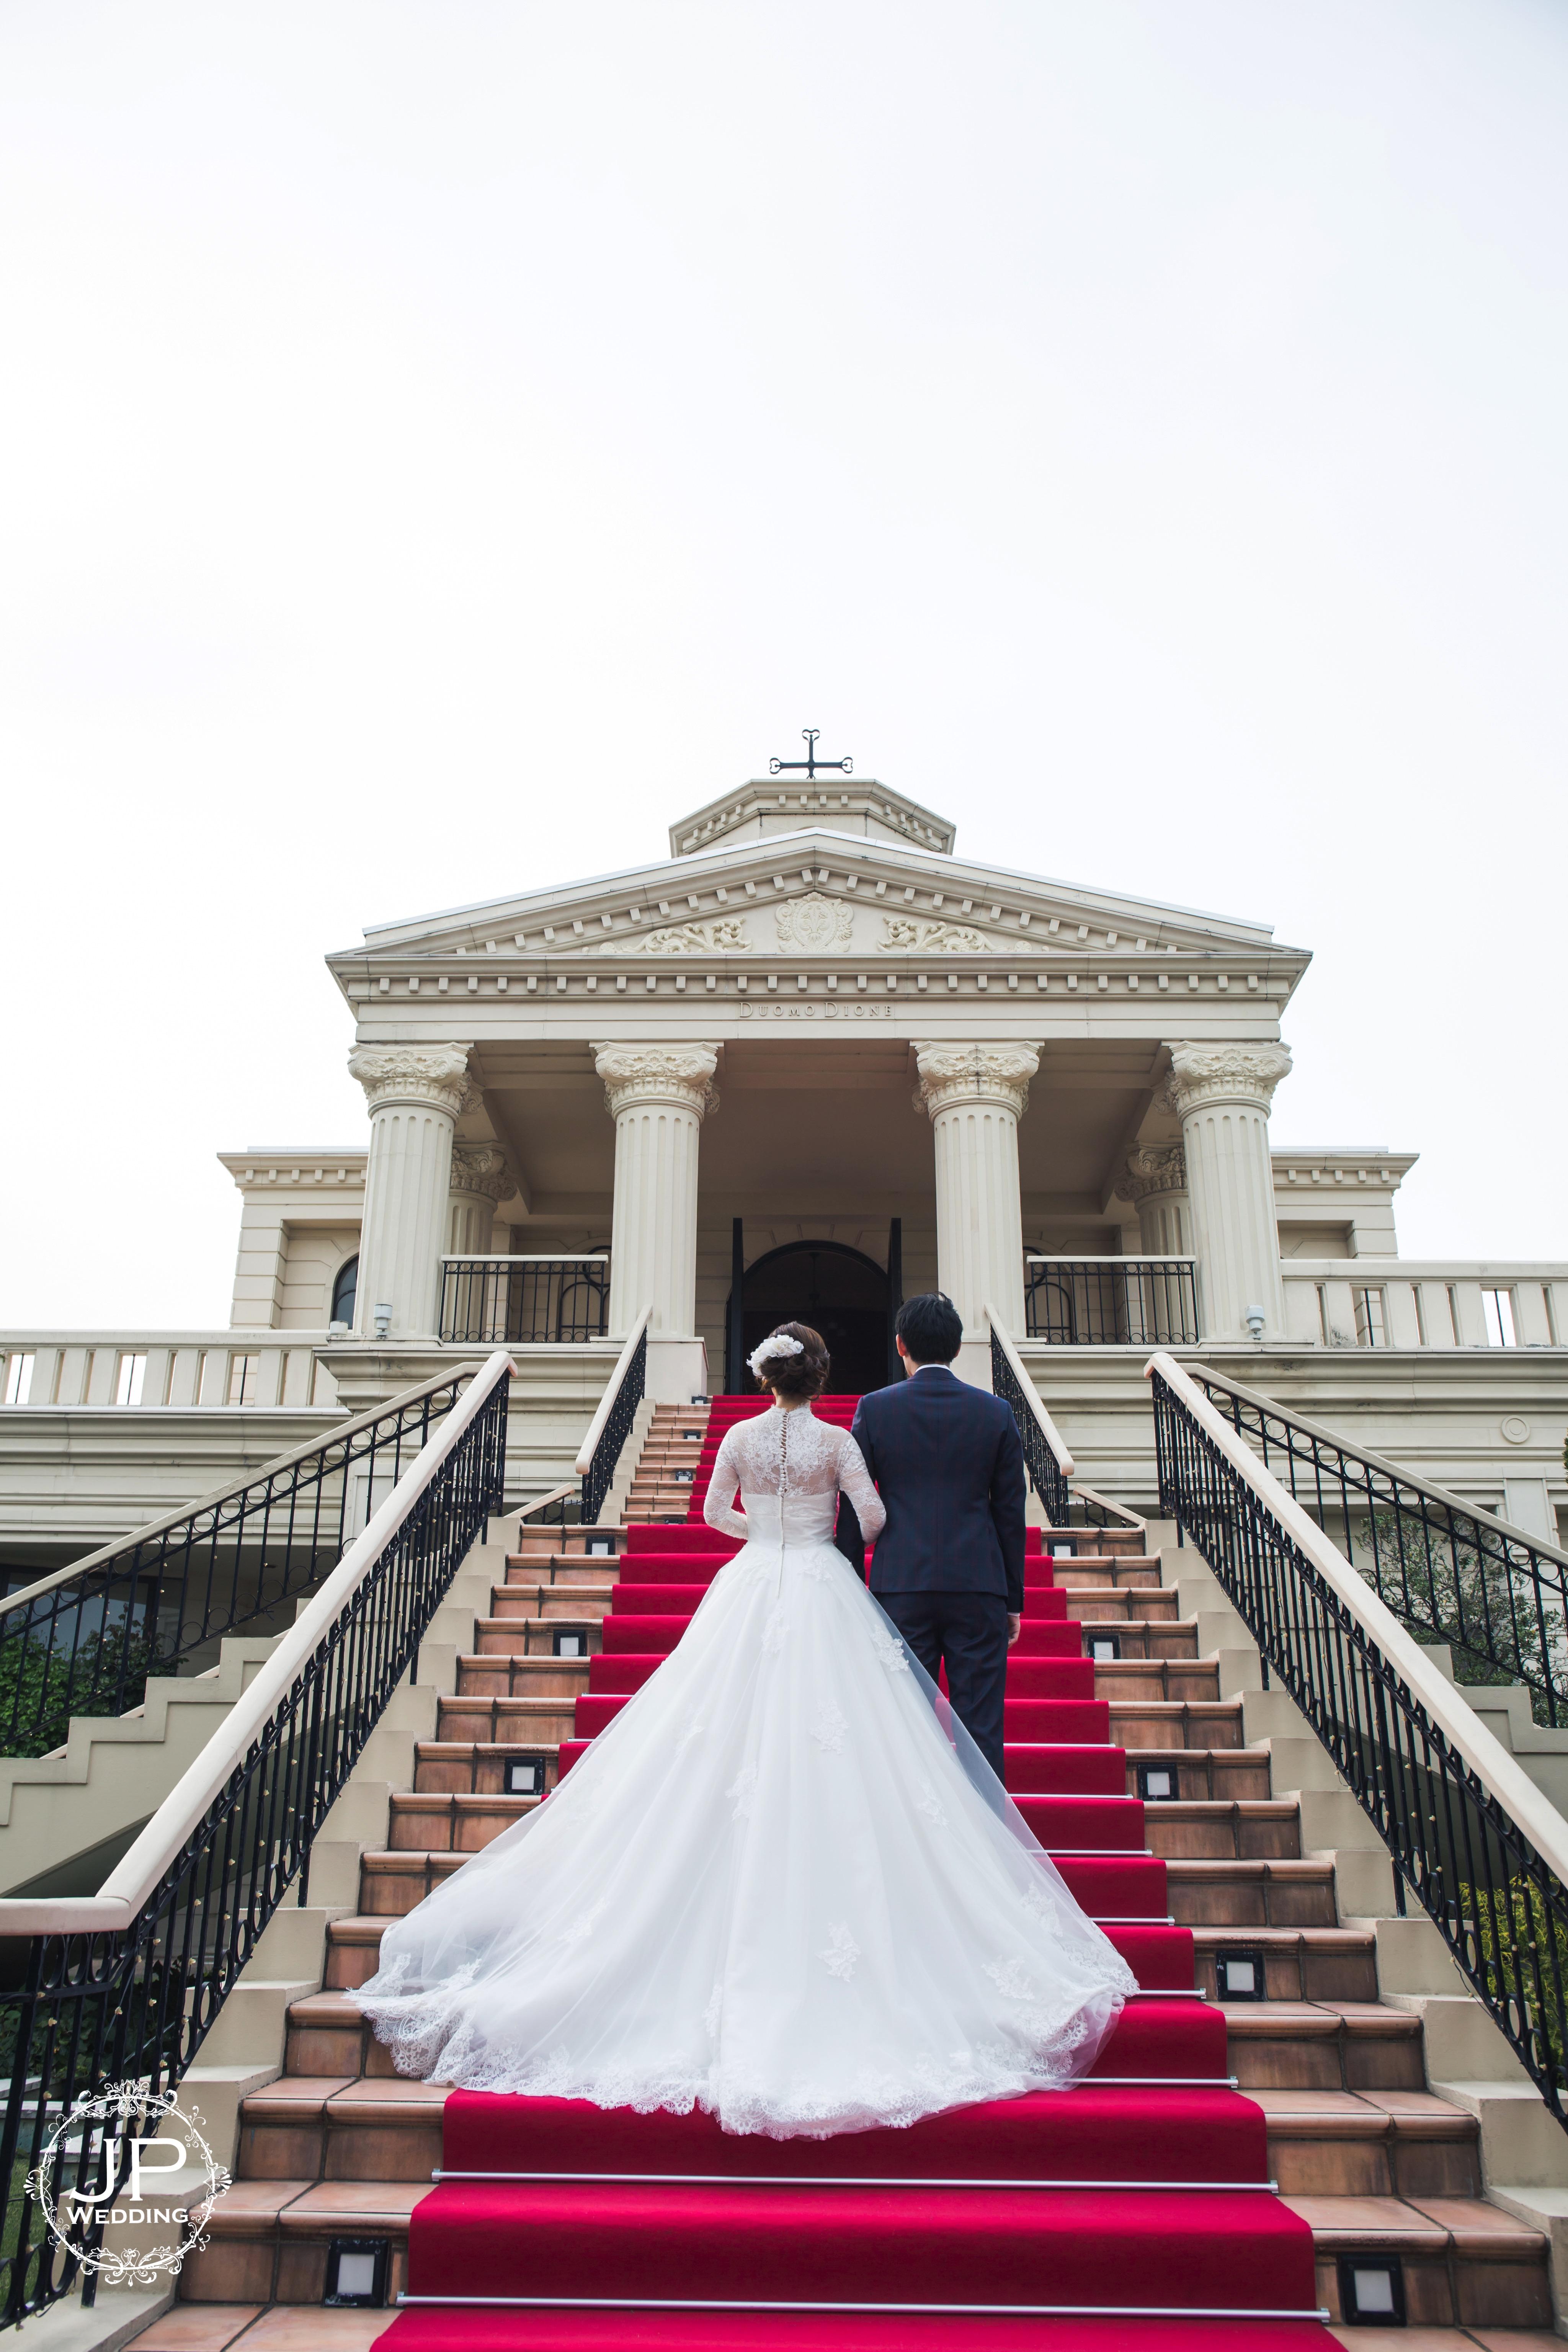 日本婚紗攝影 金澤- JP Wedding-4